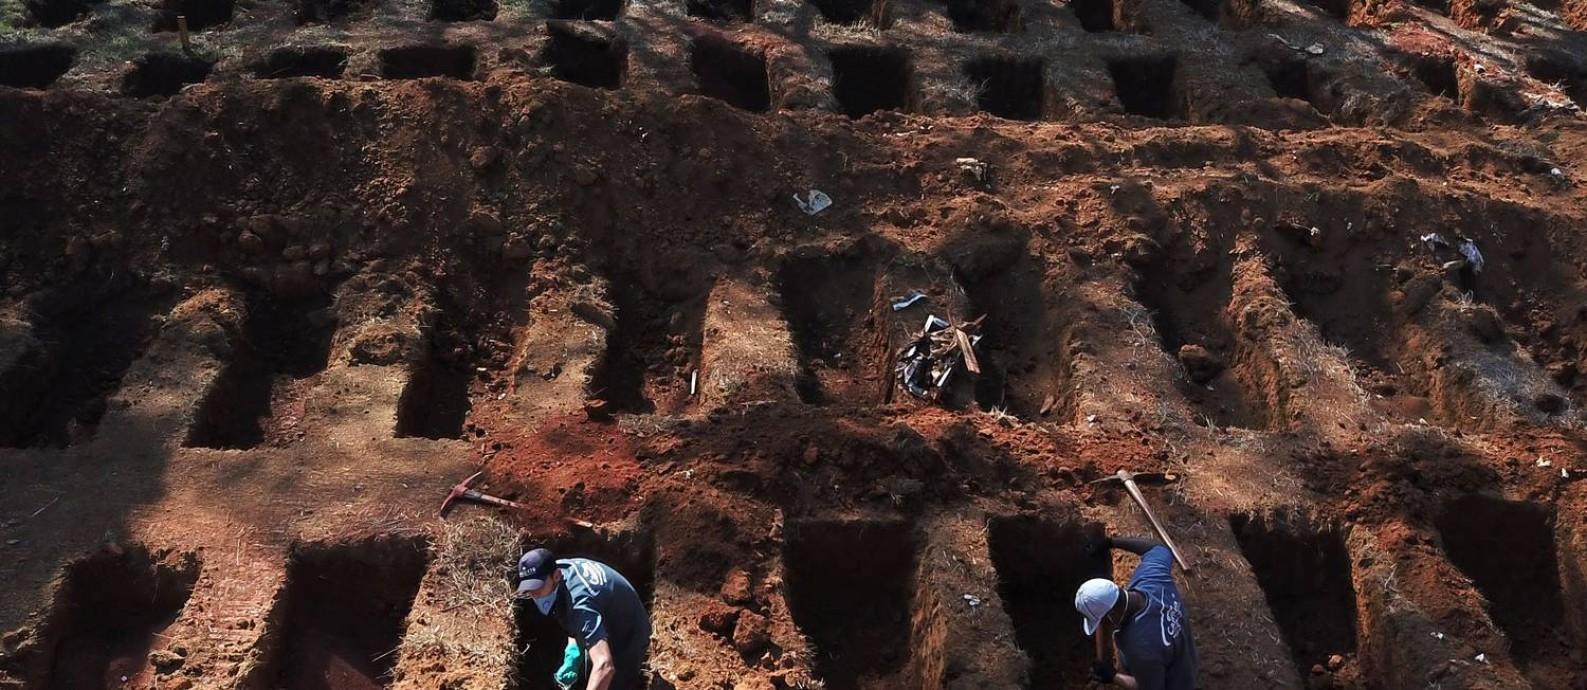 Coveiros abrem túmulos no cemitério VIla Formosa, em São Paulo (SP), na última quinta-feira; seis meses após primeira morte na cidade, local ainda expande número de covas para atender demanda Foto: AMANDA PEROBELLI / REUTERS